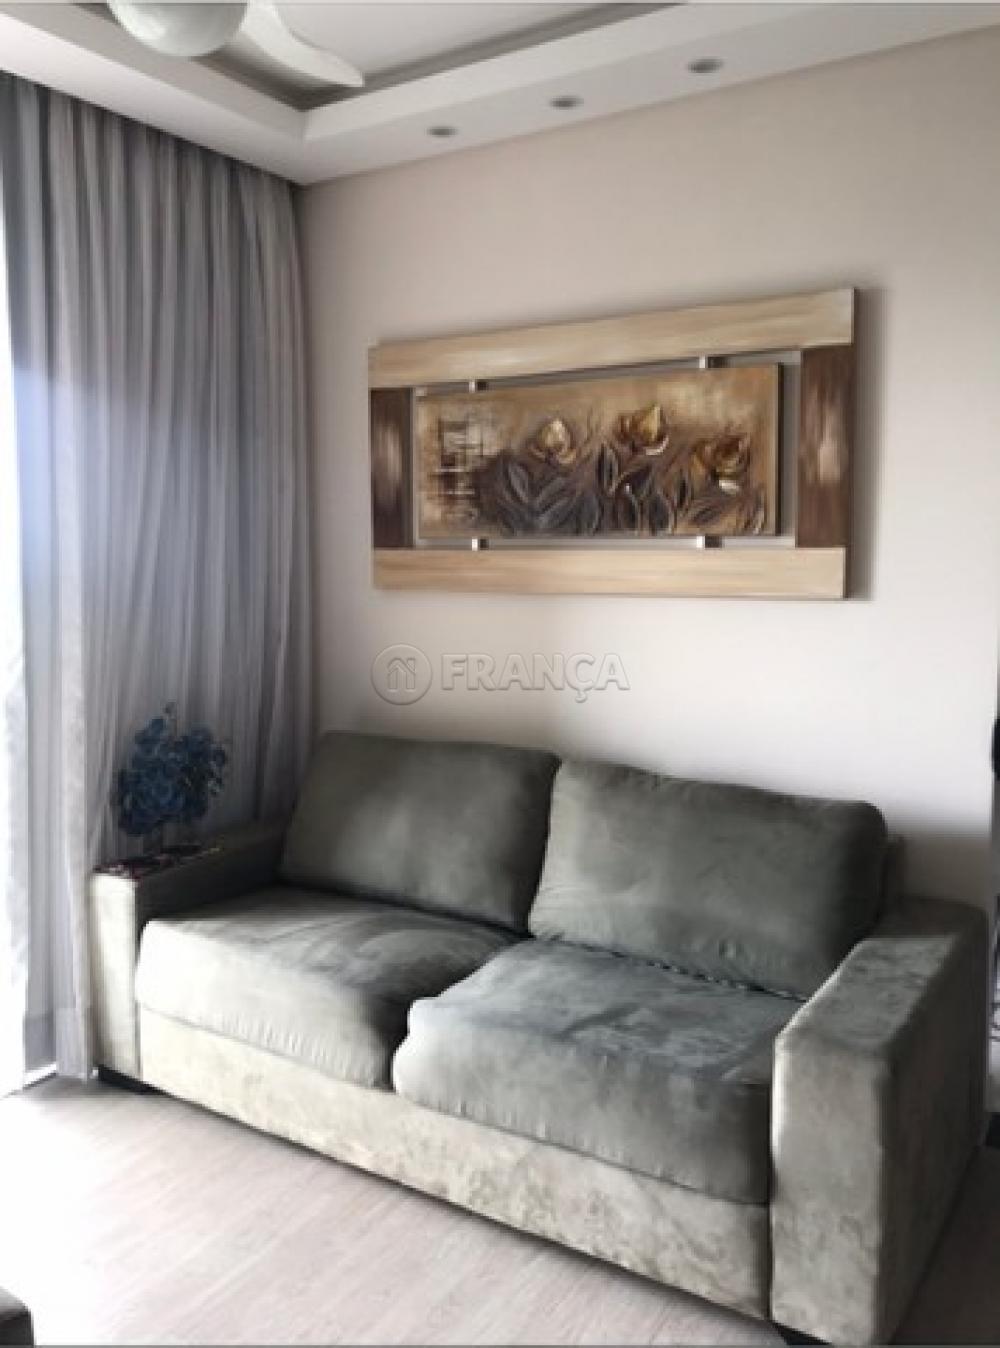 Comprar Apartamento / Padrão em São José dos Campos R$ 395.000,00 - Foto 3